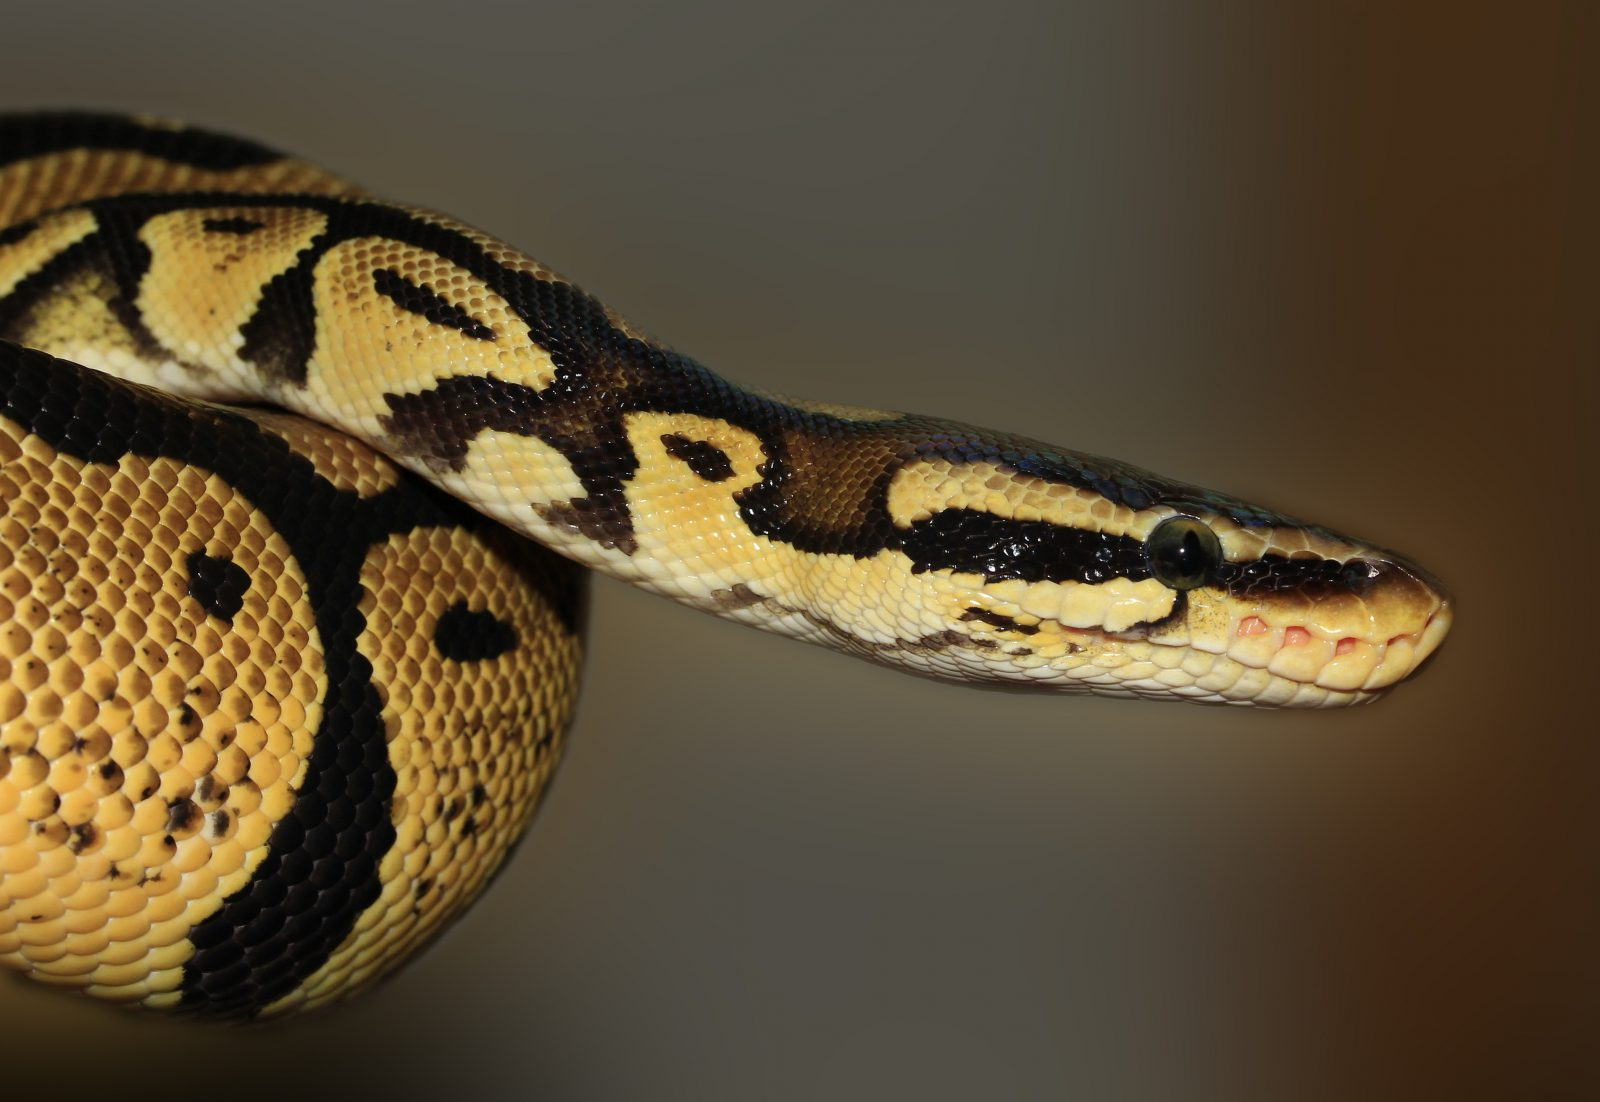 Há locais onde há mais cobras venenosas.